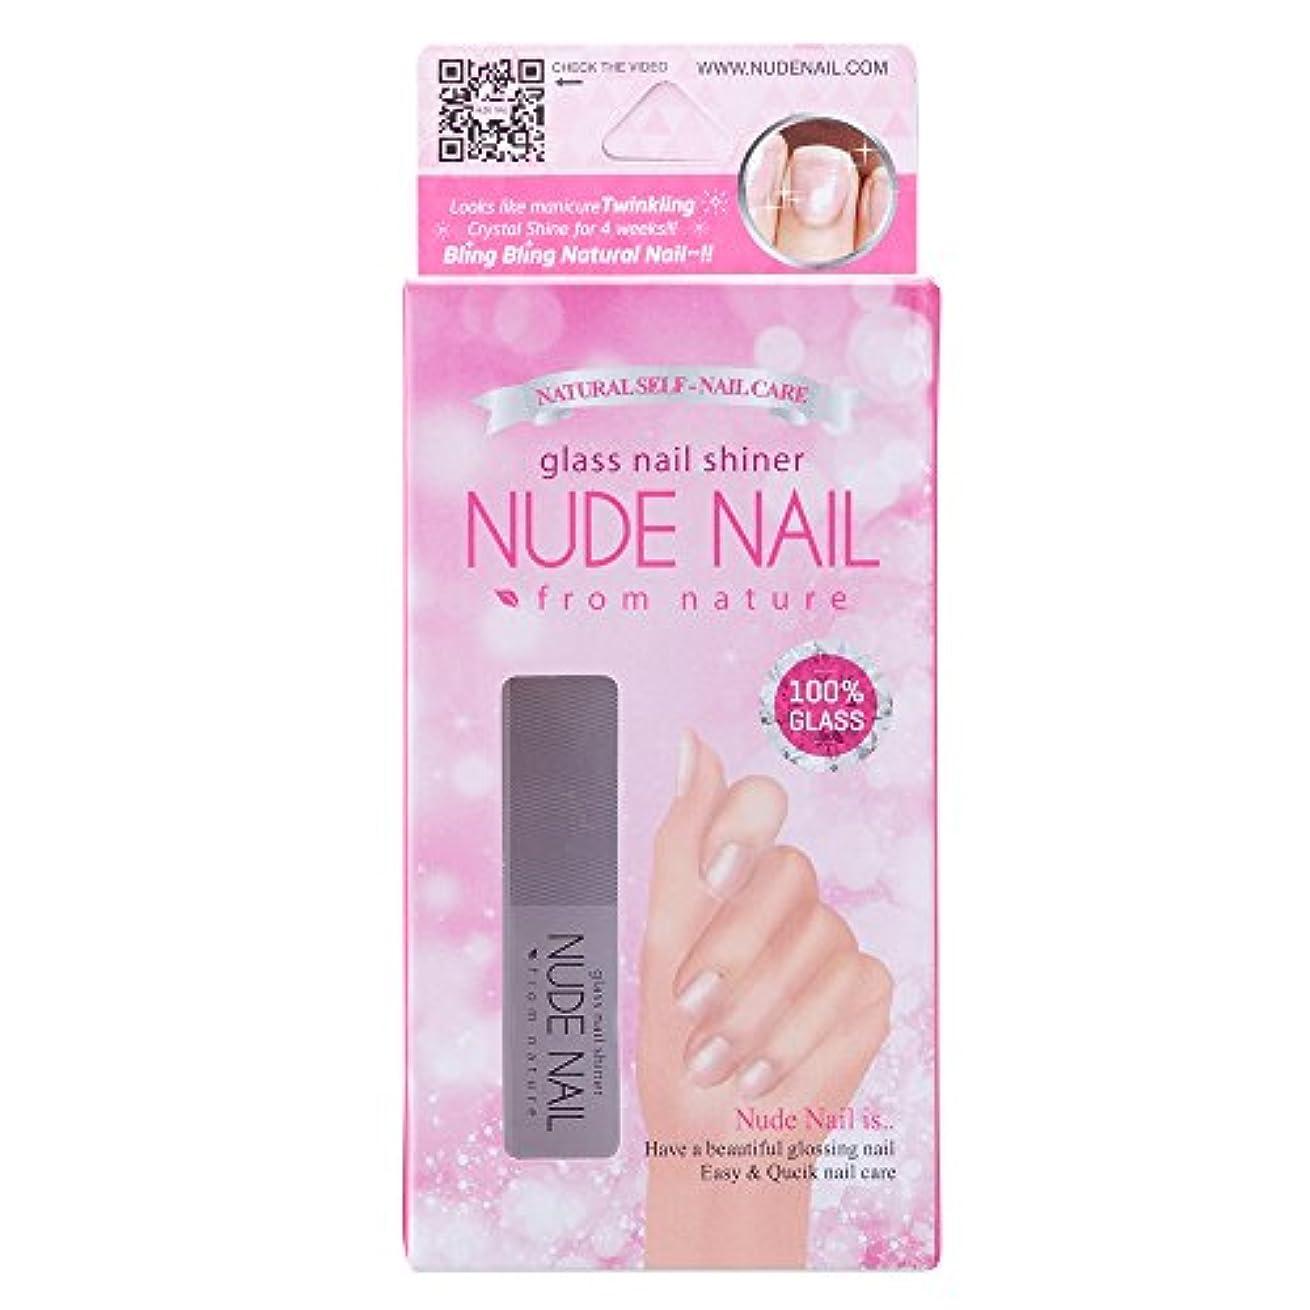 無一文セイはさておきポケットヌードネイル グラス ネイル シャイナー ガラス製爪ヤスリ NUDE NAIL glass nail shiner